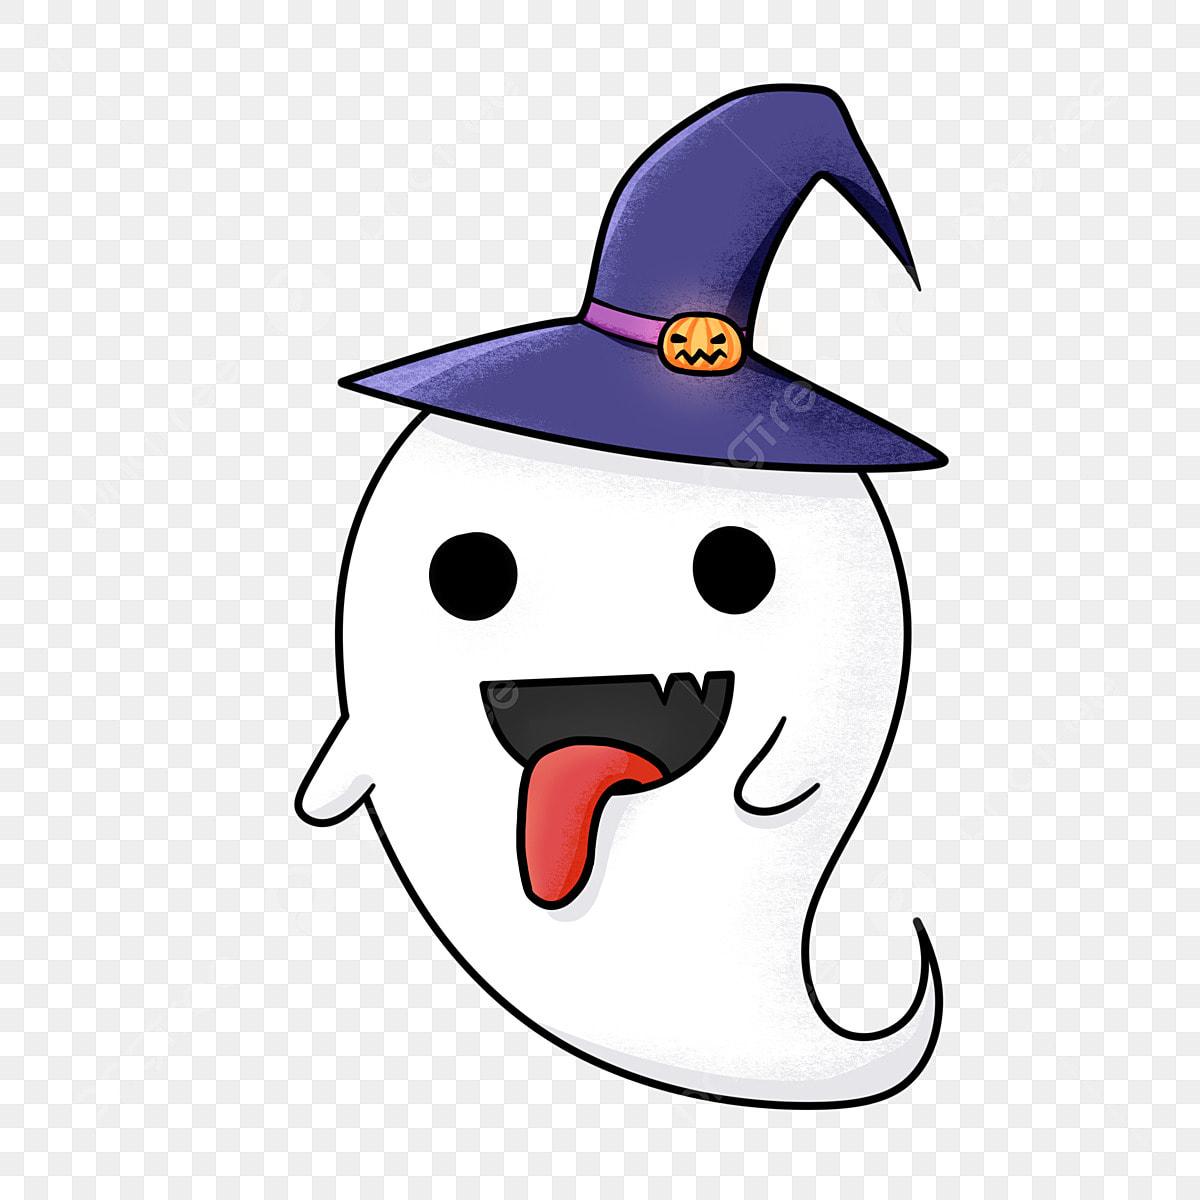 Desenhos Animados De Halloween Fantasma Pintado A Mao Com A Lingua